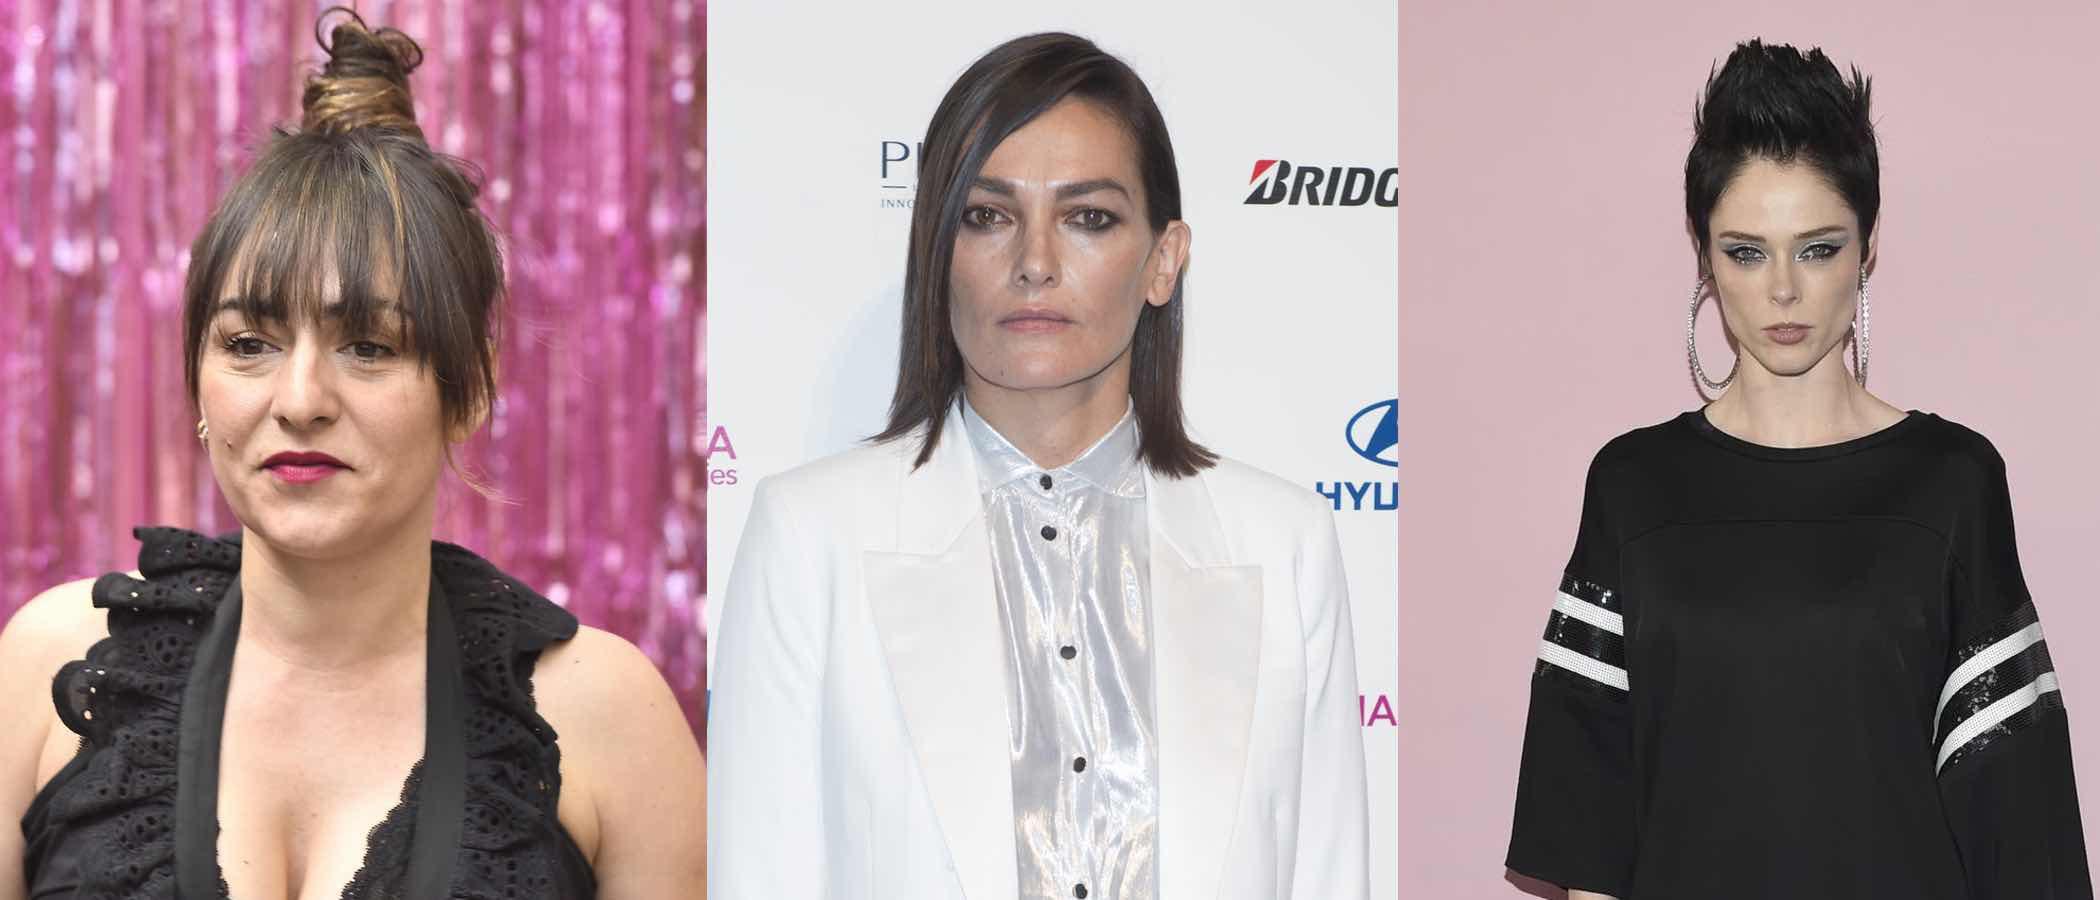 Candela Peña, Cocho Rocha y Laura Ponte, entre los peores beauty looks de la semana